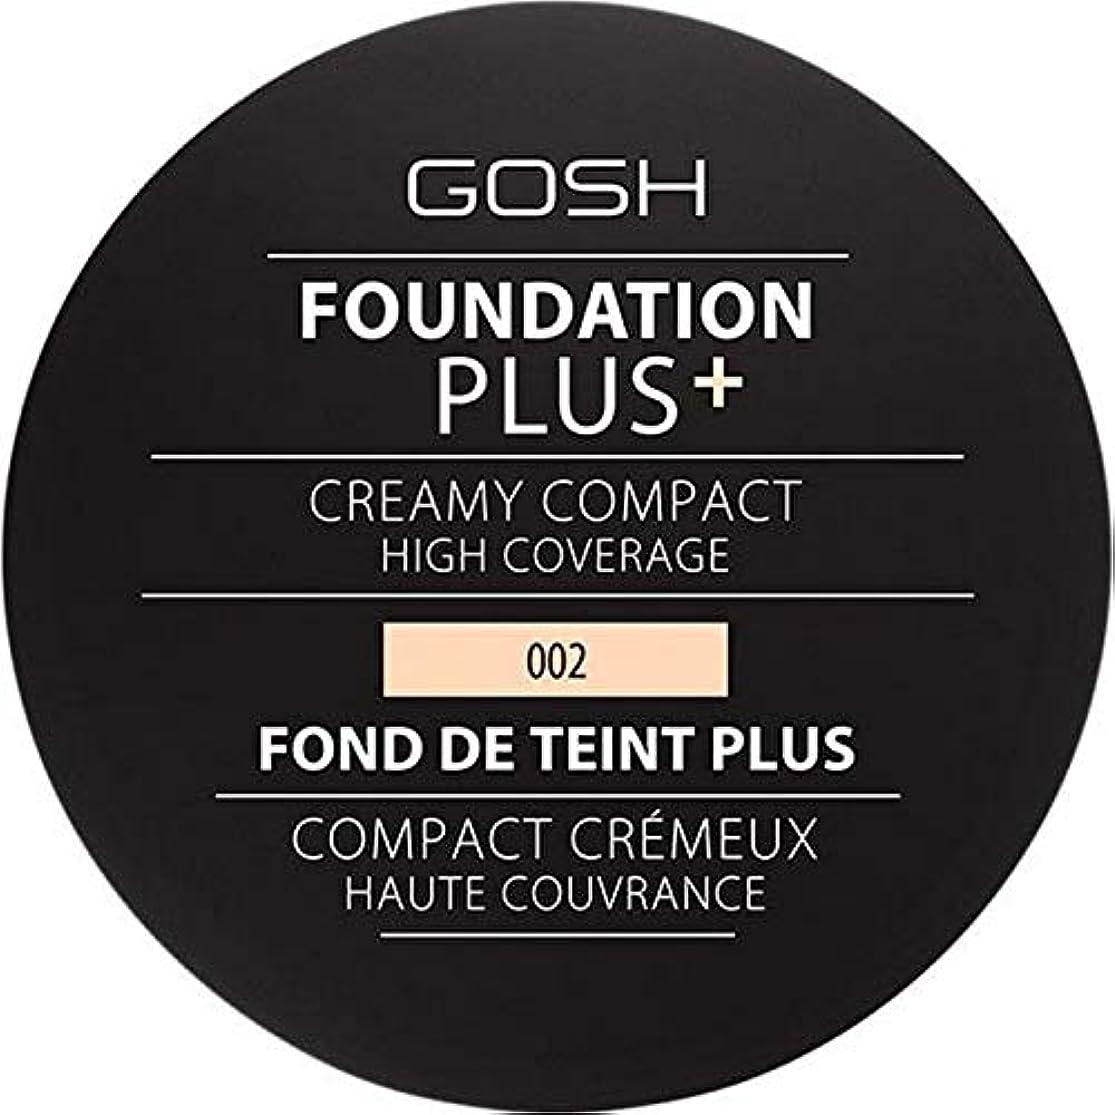 忙しい累積ナチュラル[GOSH ] 基礎プラス+クリーミーコンパクトアイボリー002 - Foundation Plus+ Creamy Compact Ivory 002 [並行輸入品]